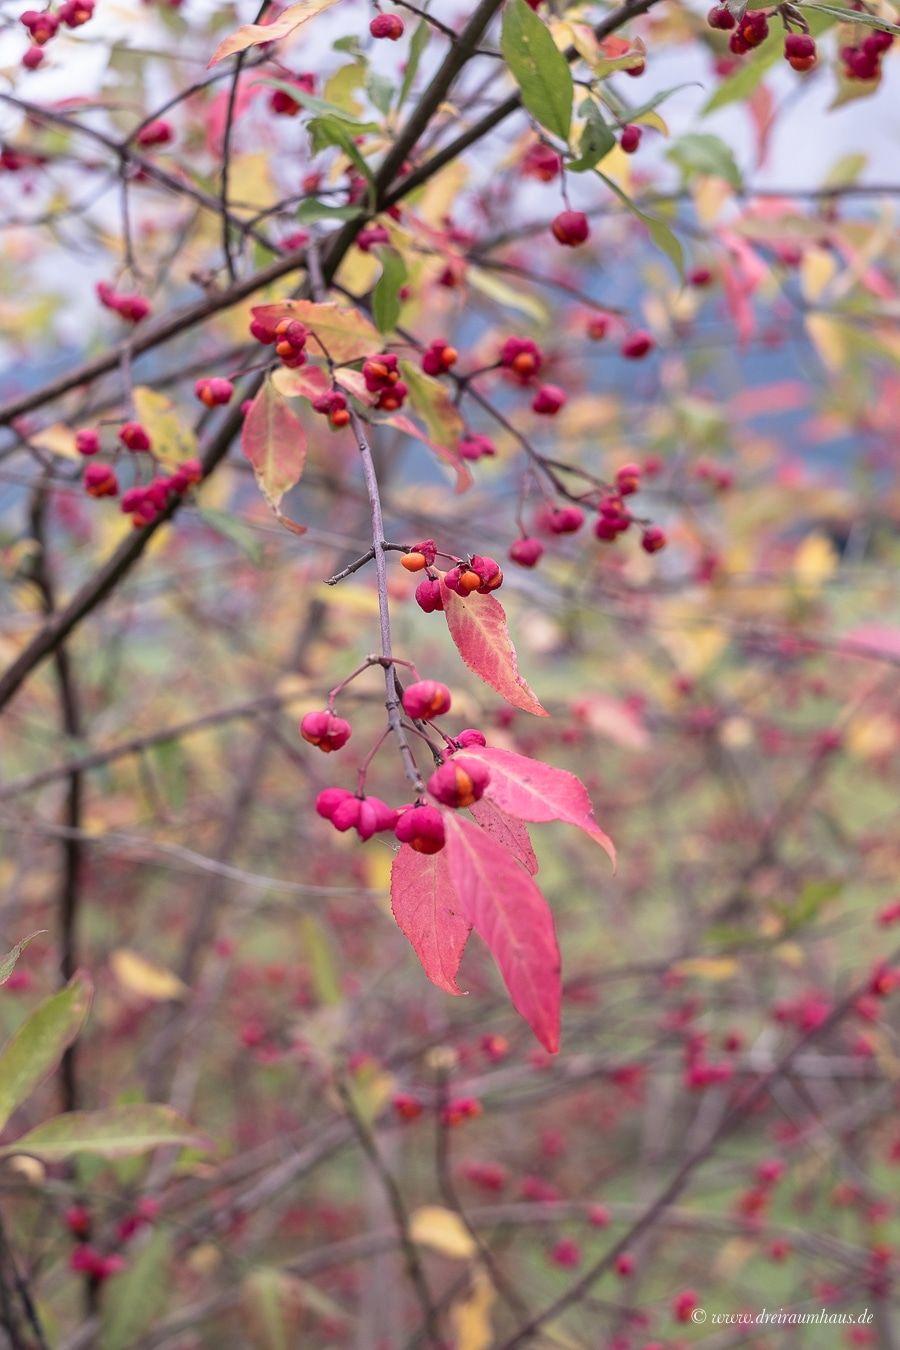 Spontaner Kurzurlaub in Österreich? Die Herbstferien stehen vor der Tür...